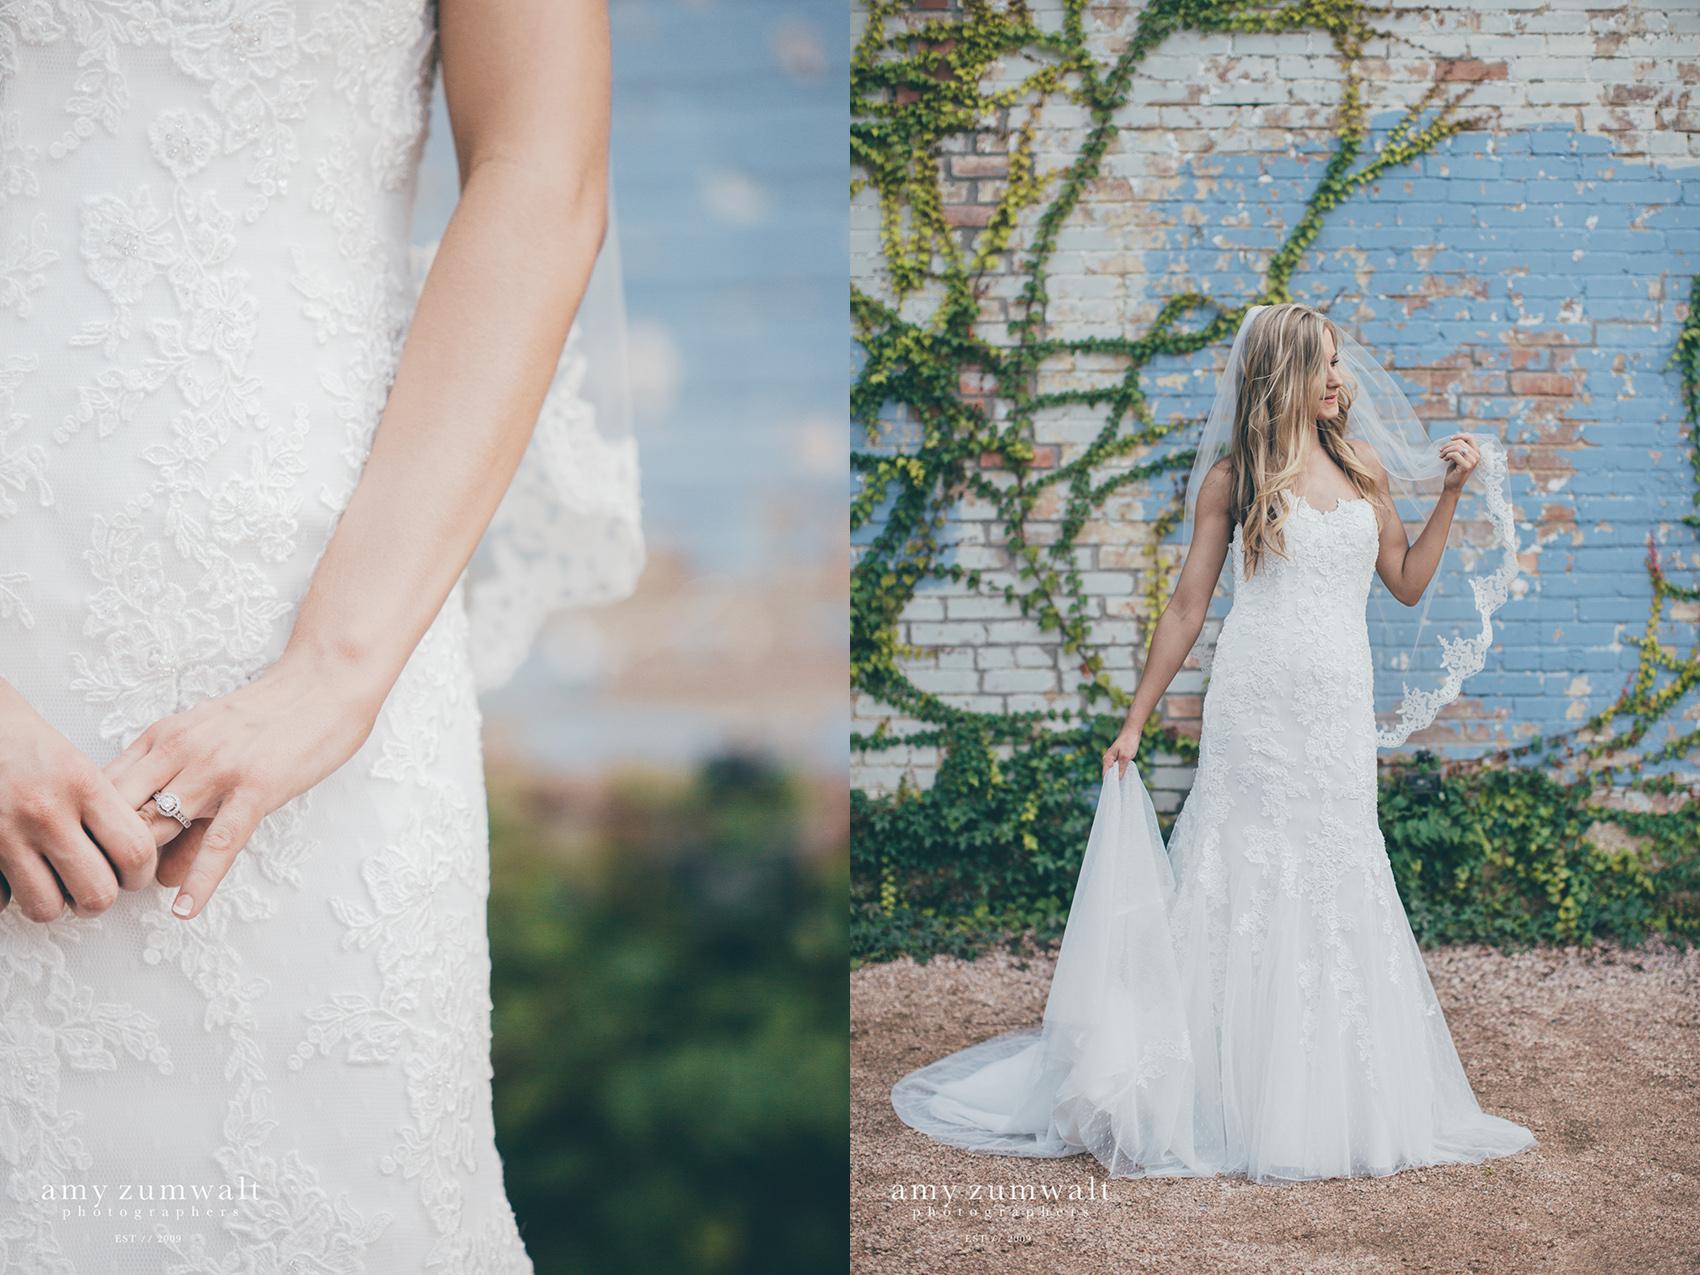 bridal-session-brik-venue-photography-9copy